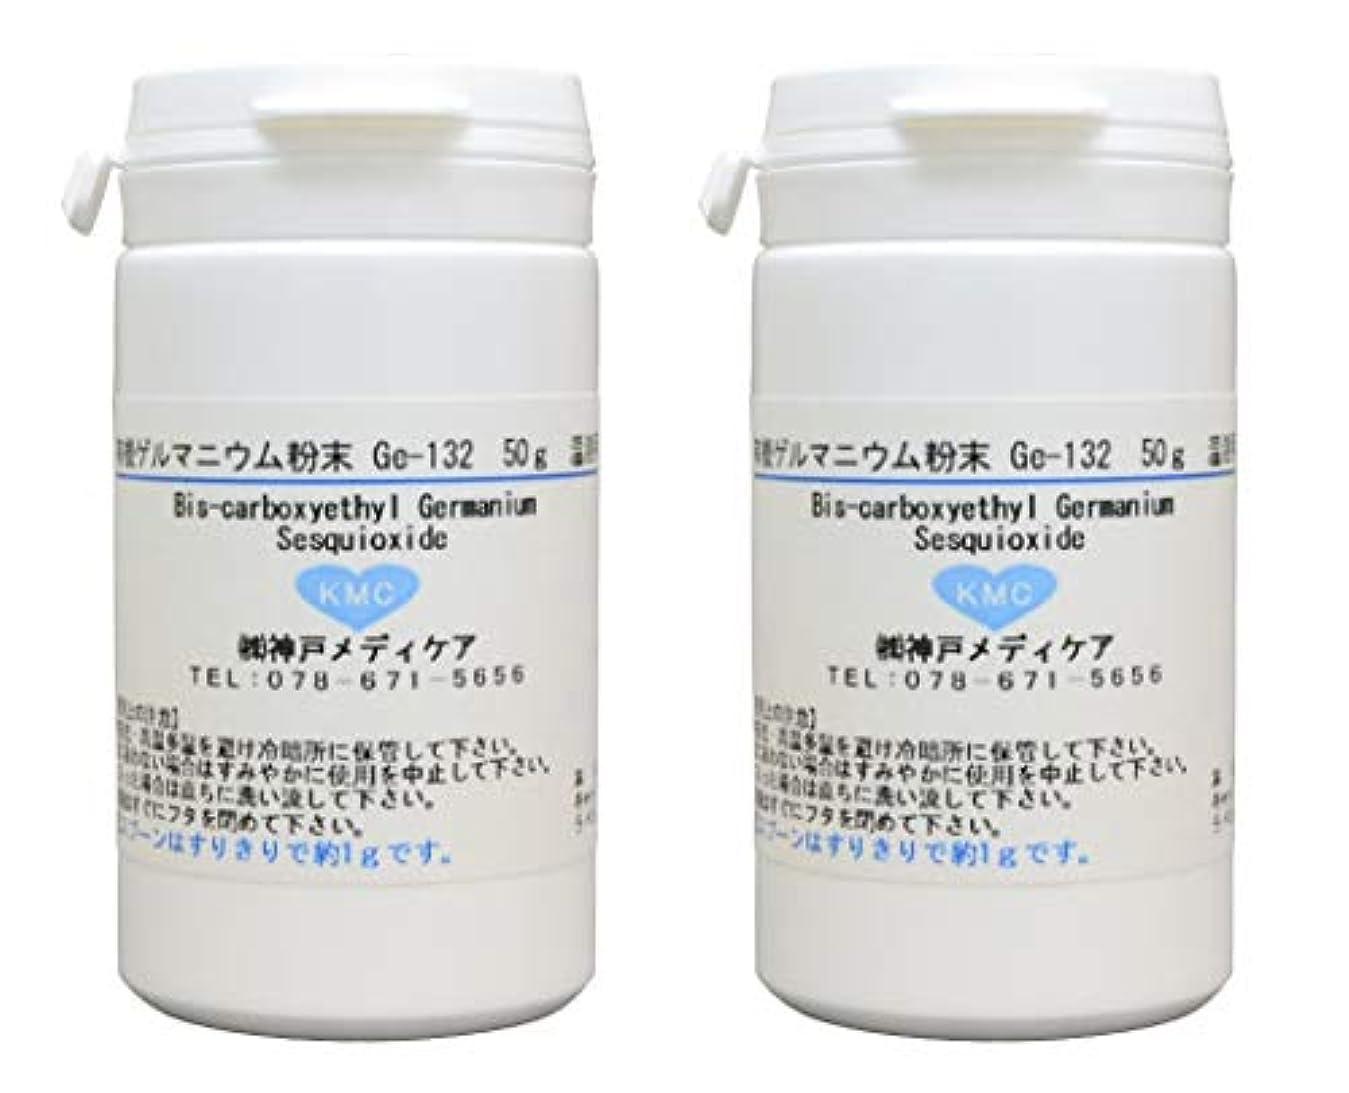 契約した疑問を超えて記念碑的な有機ゲルマニウム粉末【100g】Ge132パウダー 温浴専用 入浴剤